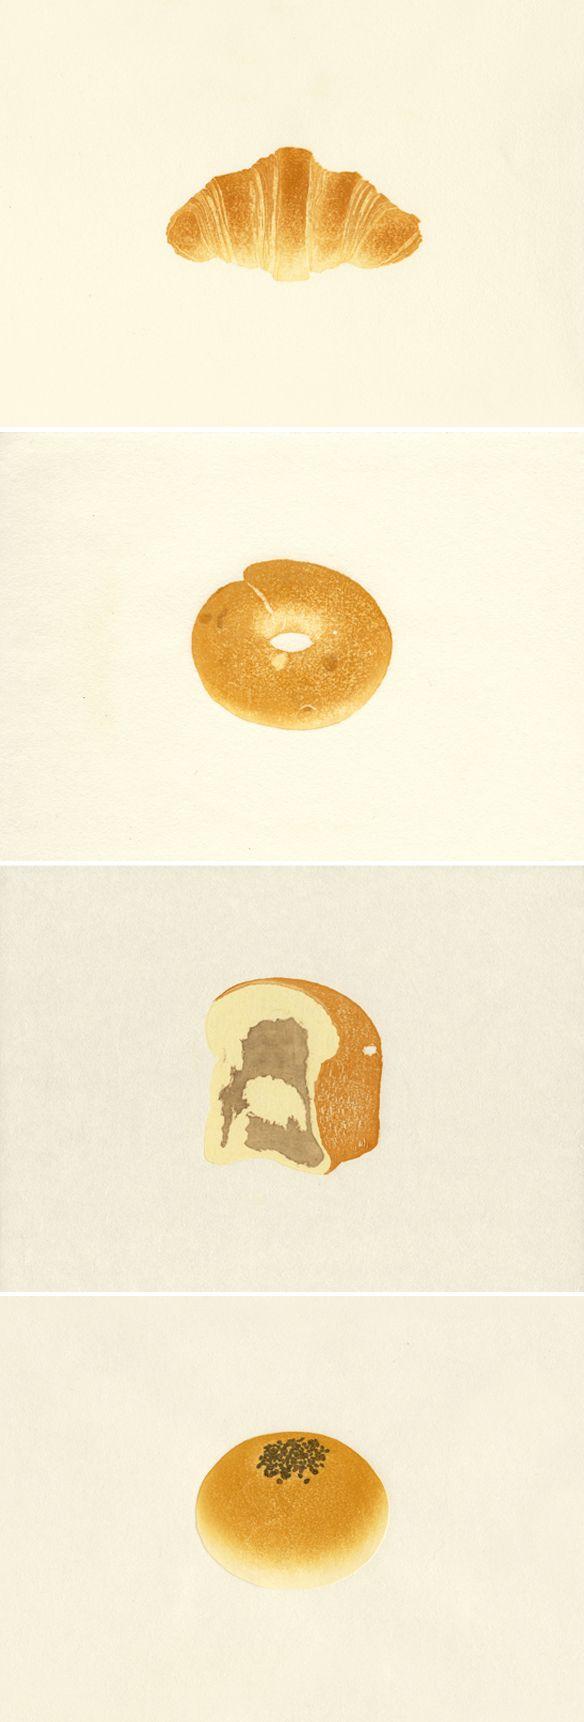 izumi morito hikosaka yuki ... bread illustrations!